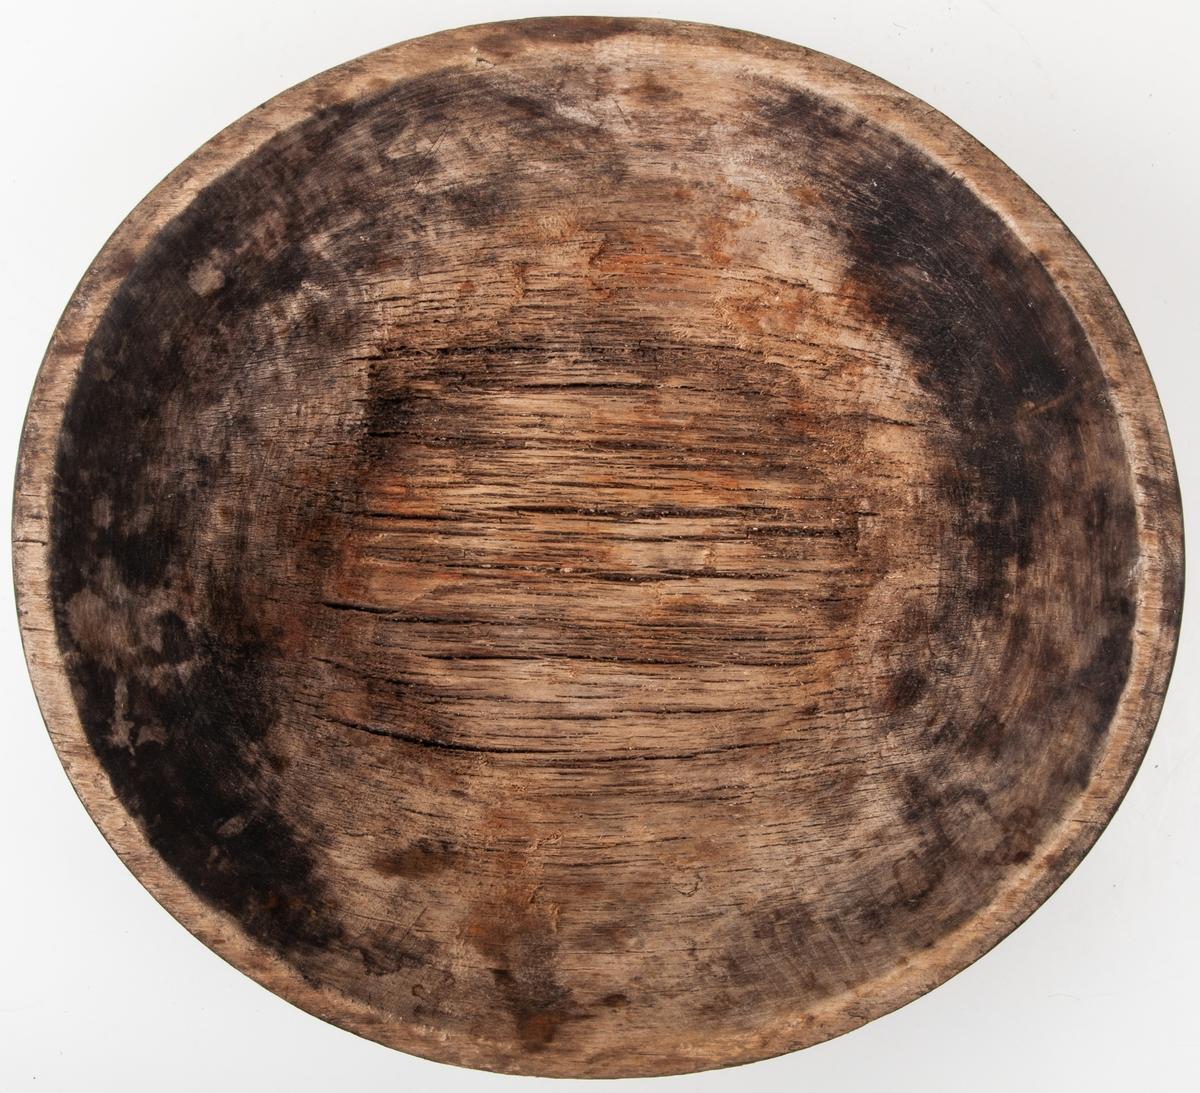 Matskål av trä, möjligen gran, rund. Svarvad, något oval. Omålad. Mått 26,5*27,5cm.